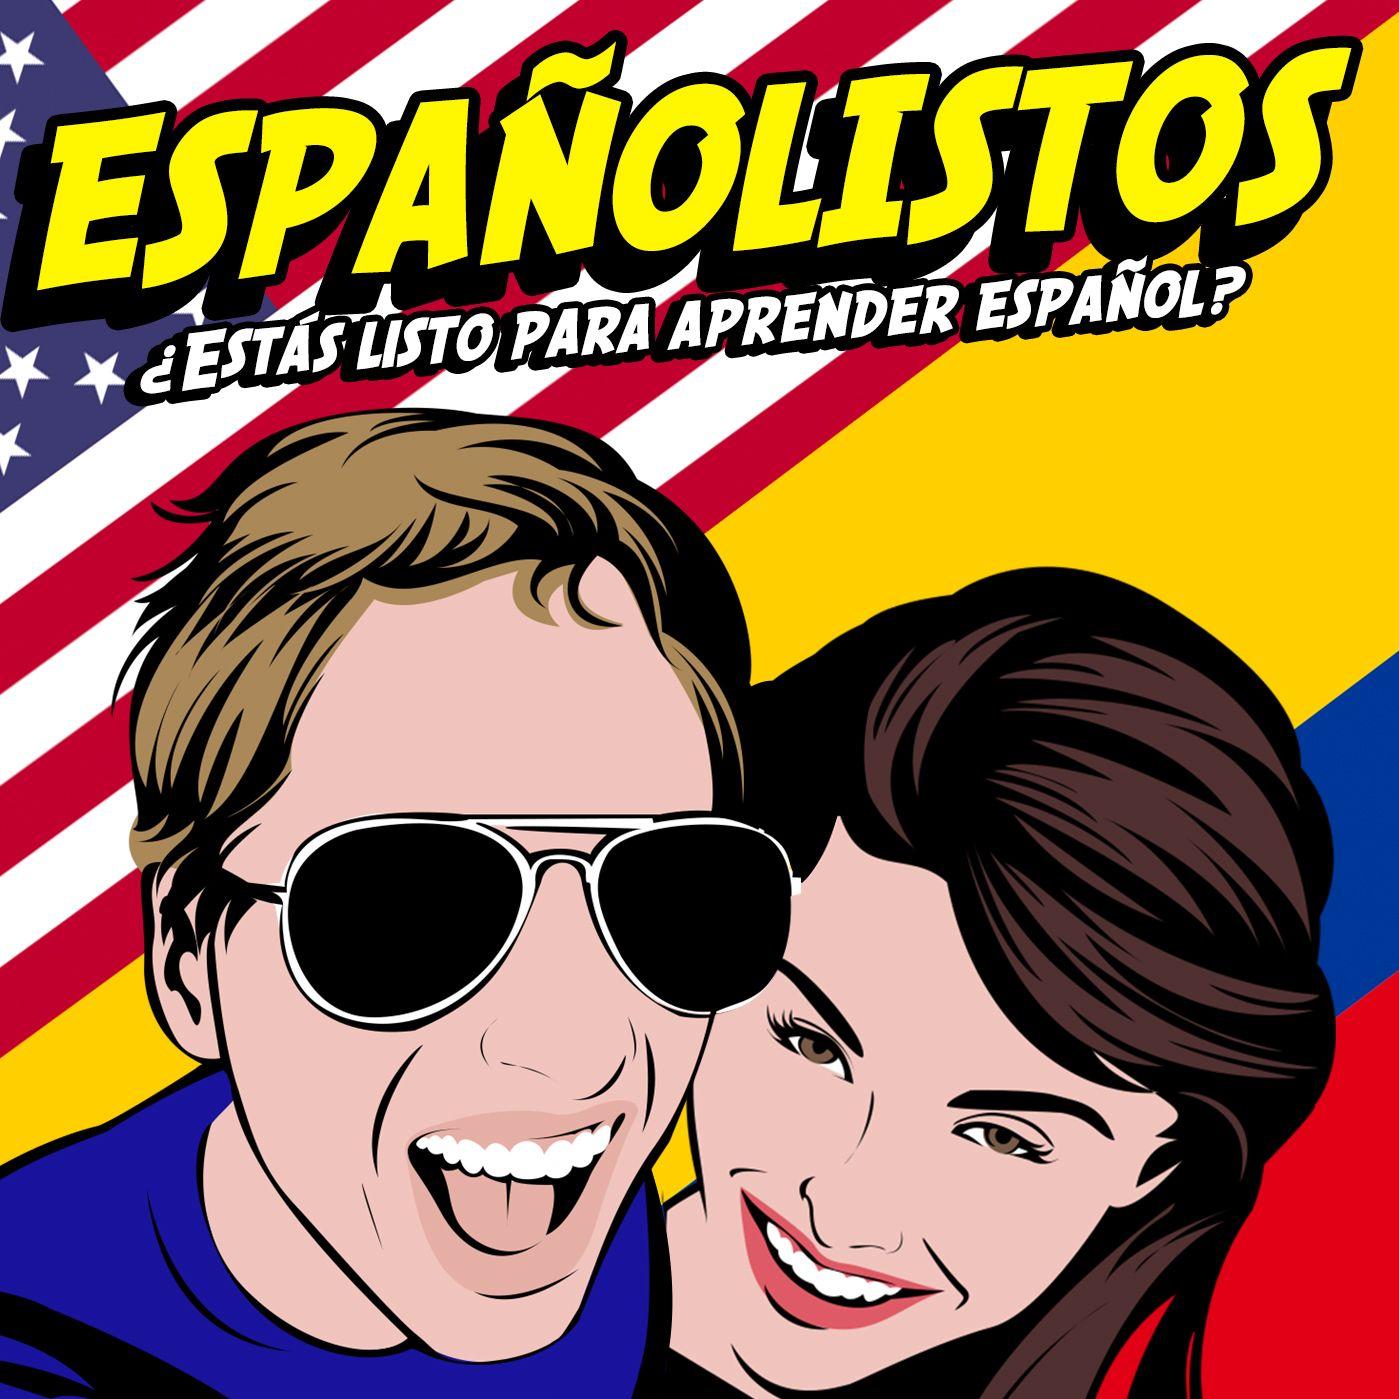 Episodio 130 - Lo Que Nos Gusta De Estados Unidos Y Colombia | Miguel y Andrea